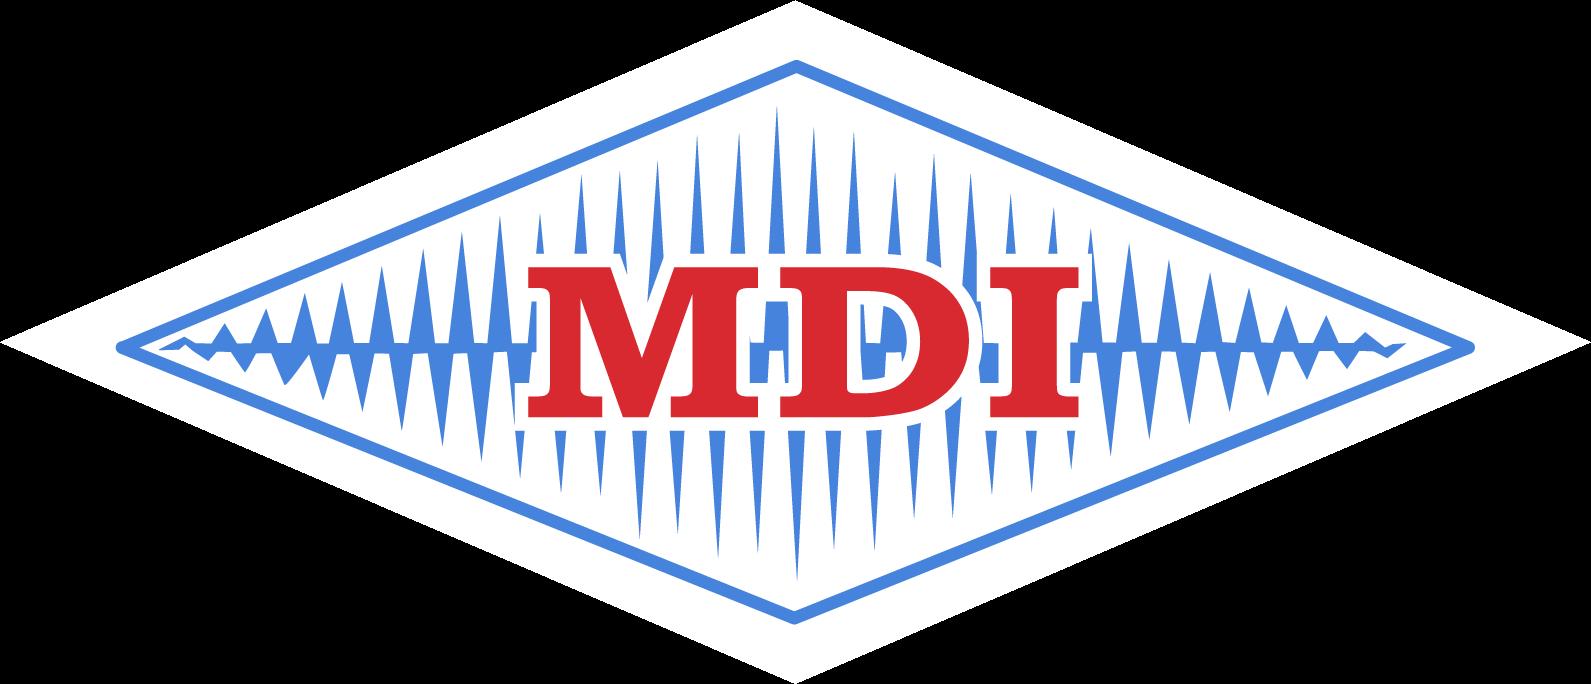 Metal Detectors Inc.